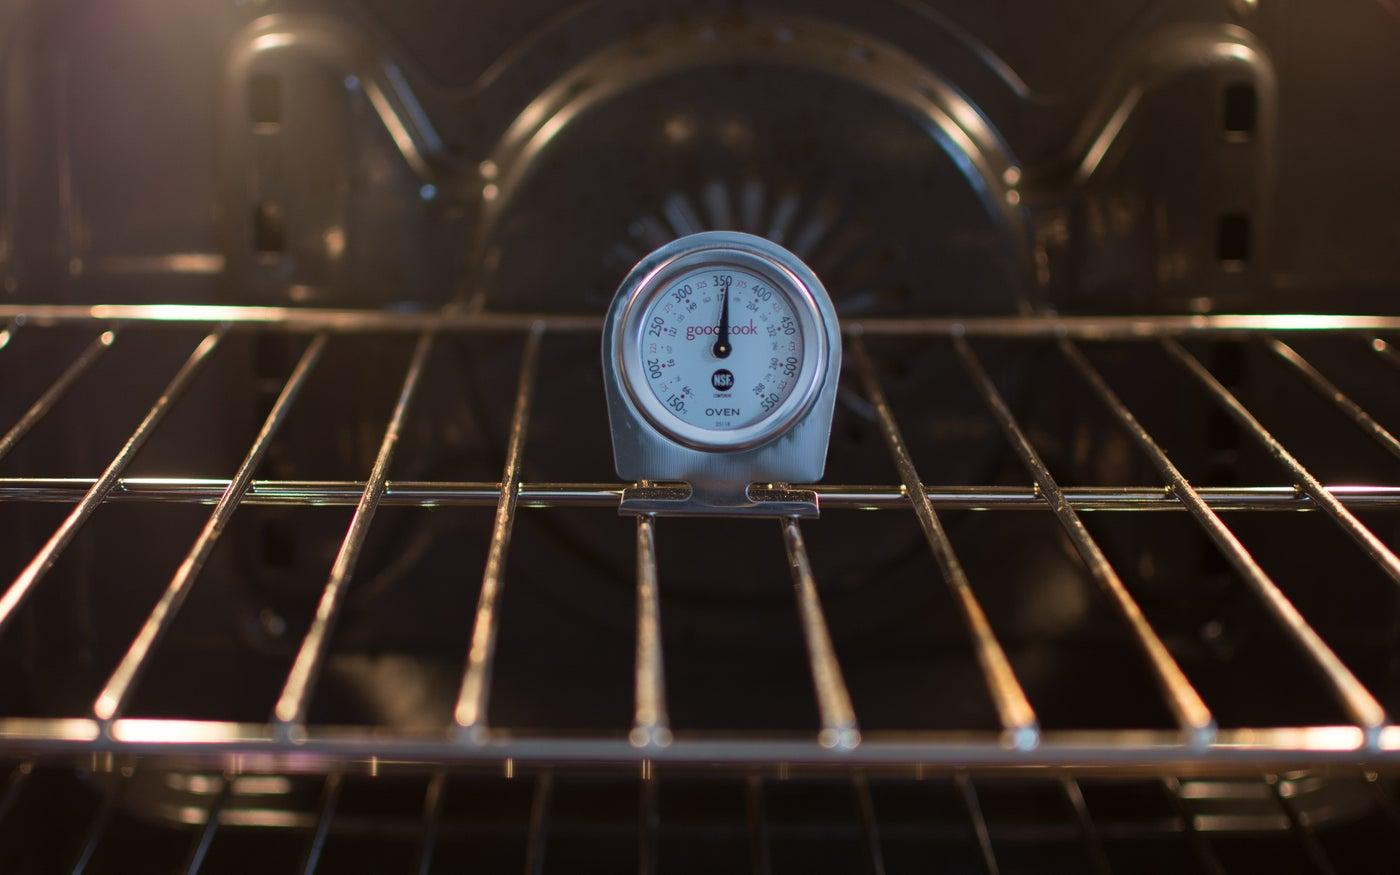 Test Oven Temperature